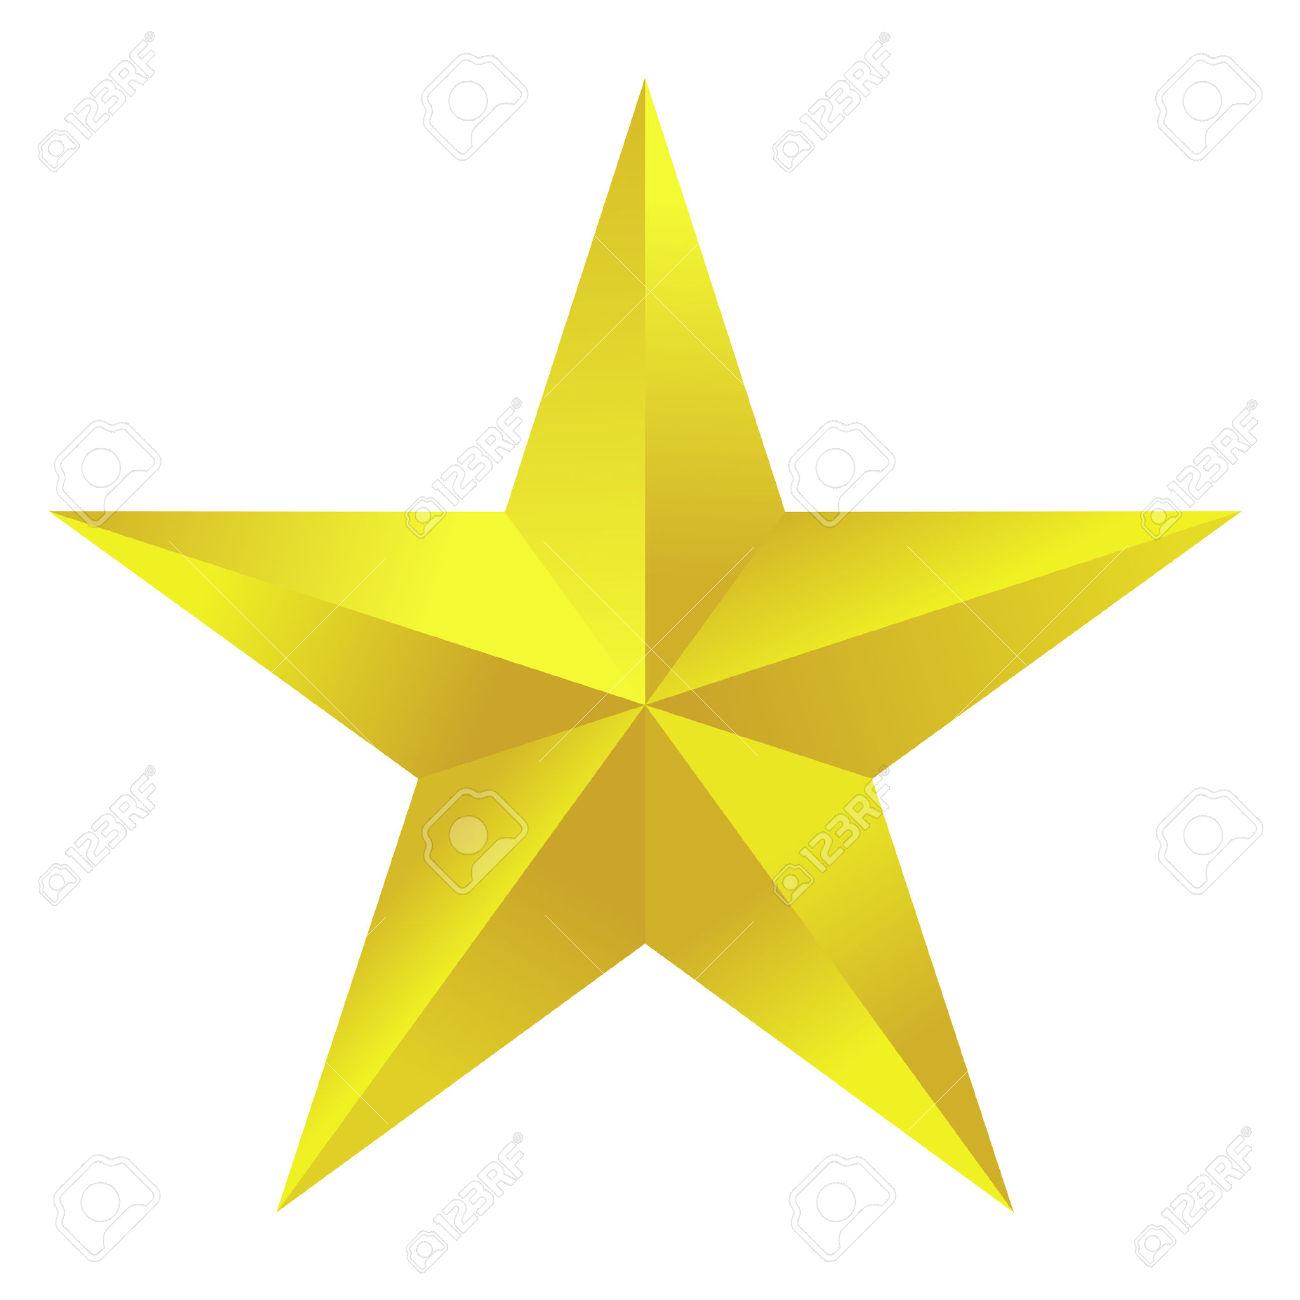 1300x1300 Star Clipart Golden